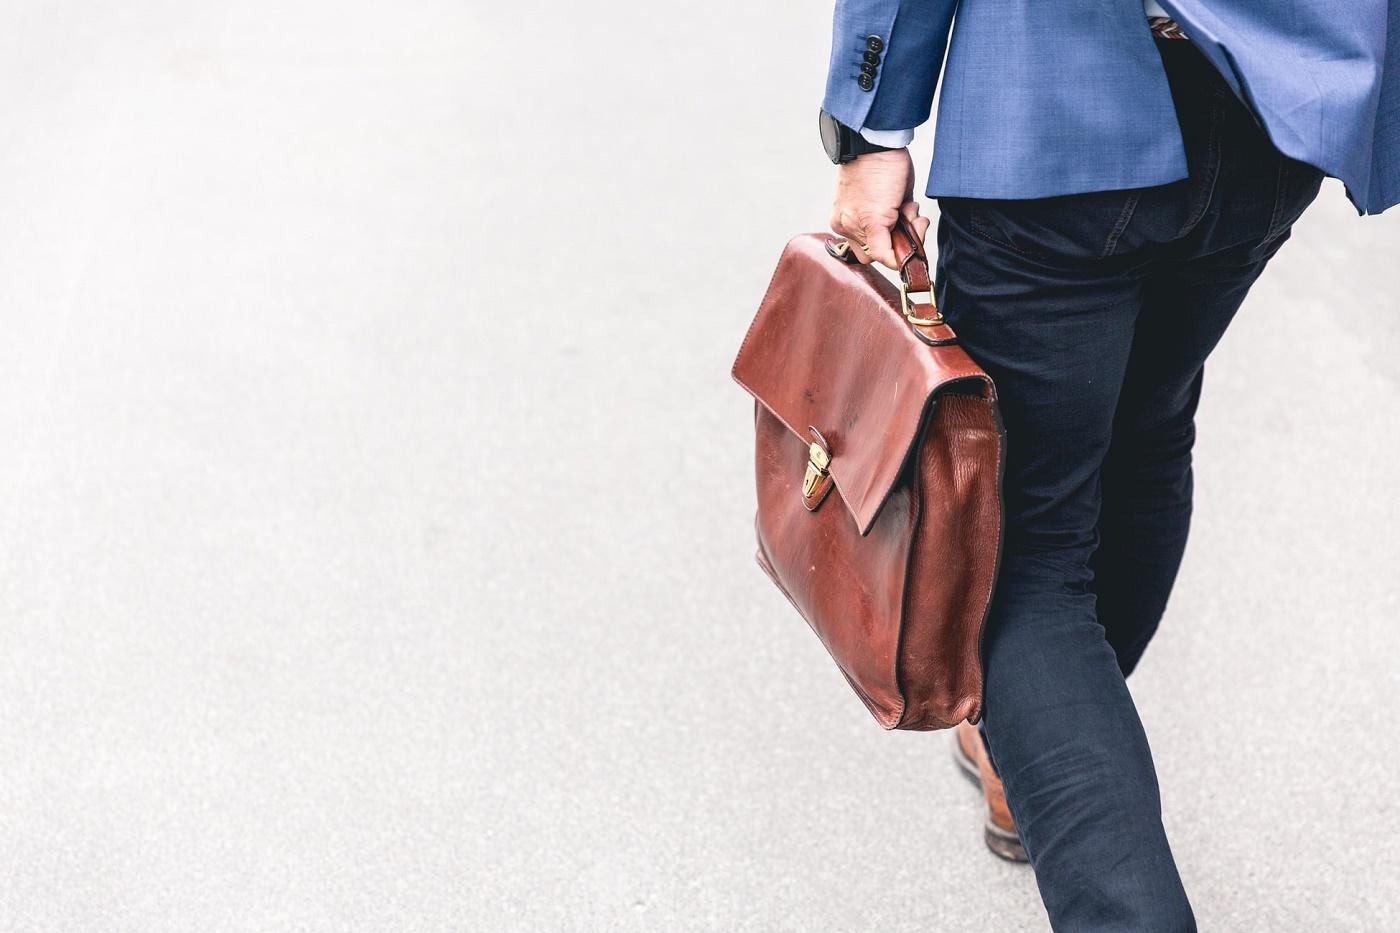 Uomo di spalle con in mano un piccola valigia marrone